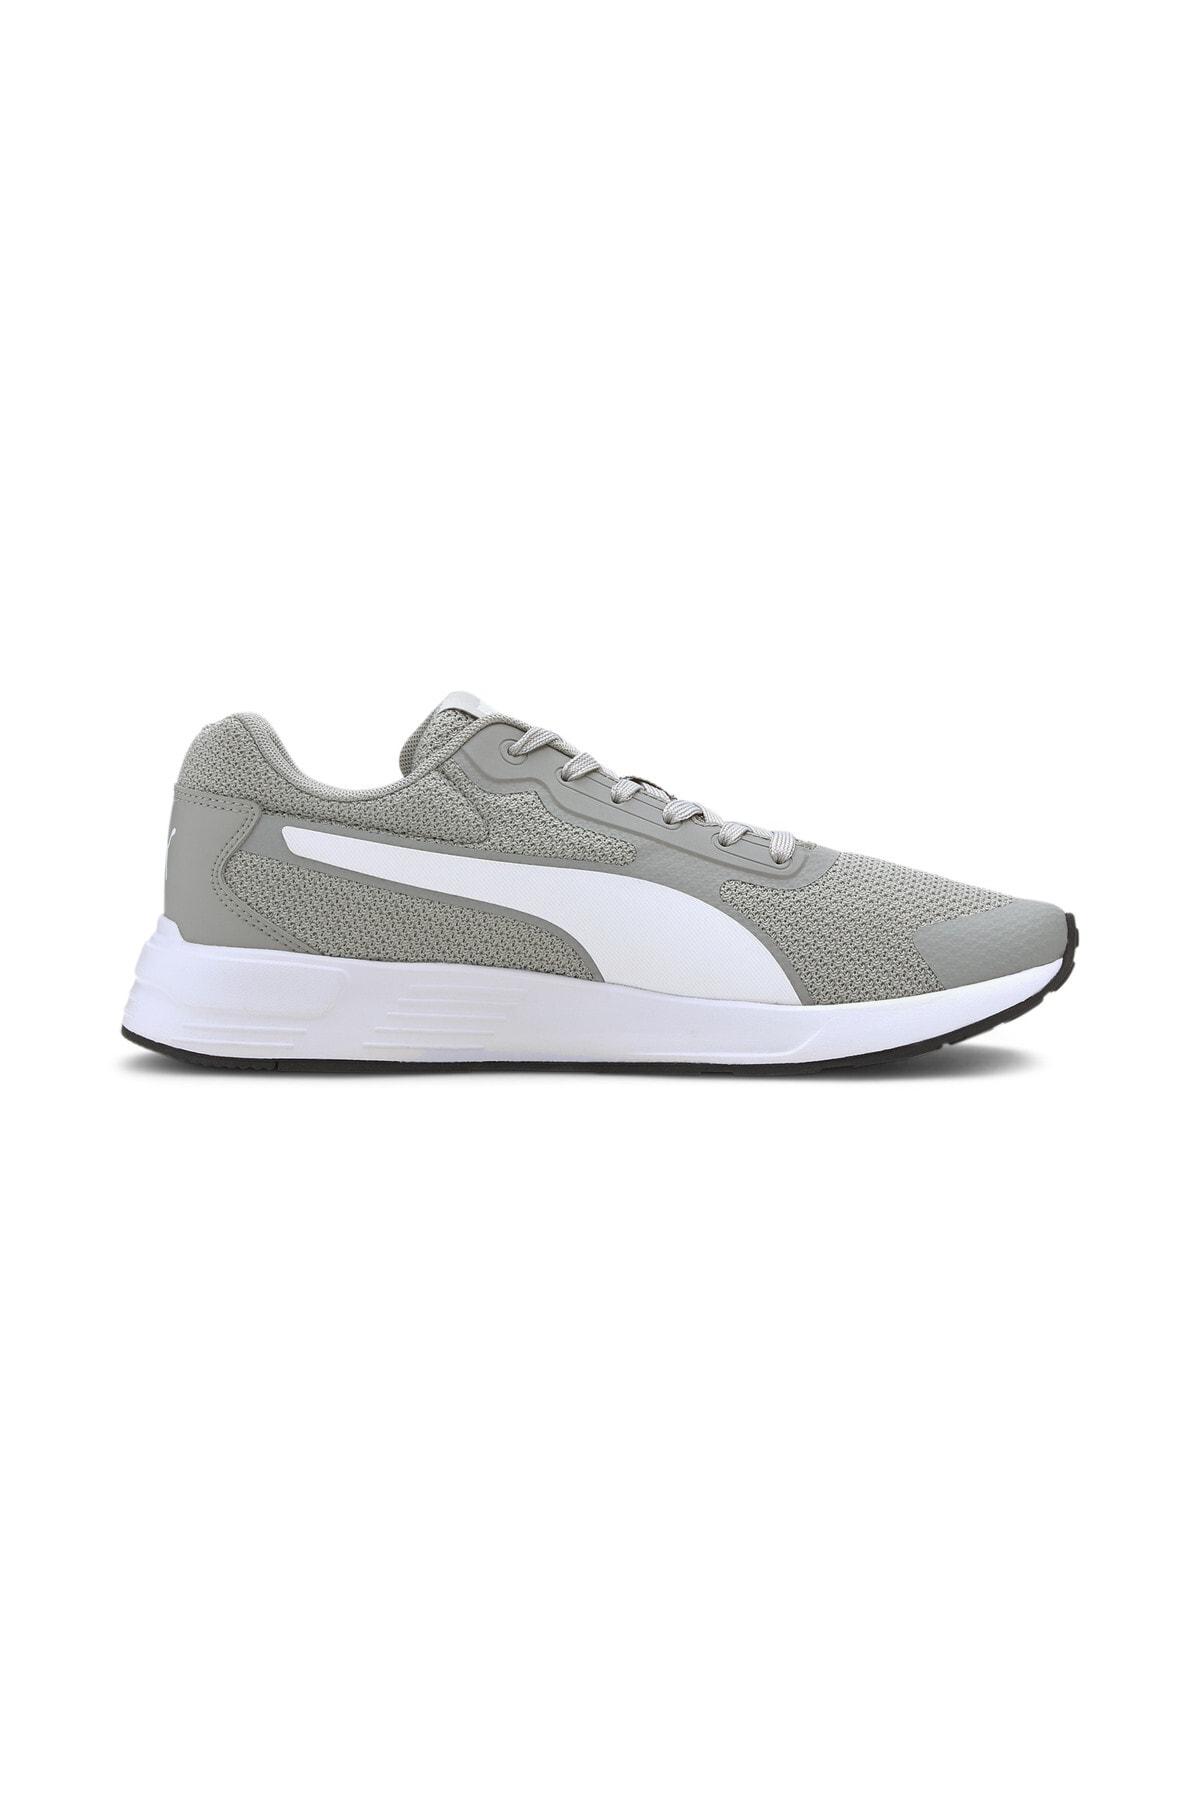 Puma TAPER Gri Erkek Koşu Ayakkabısı 100656439 4